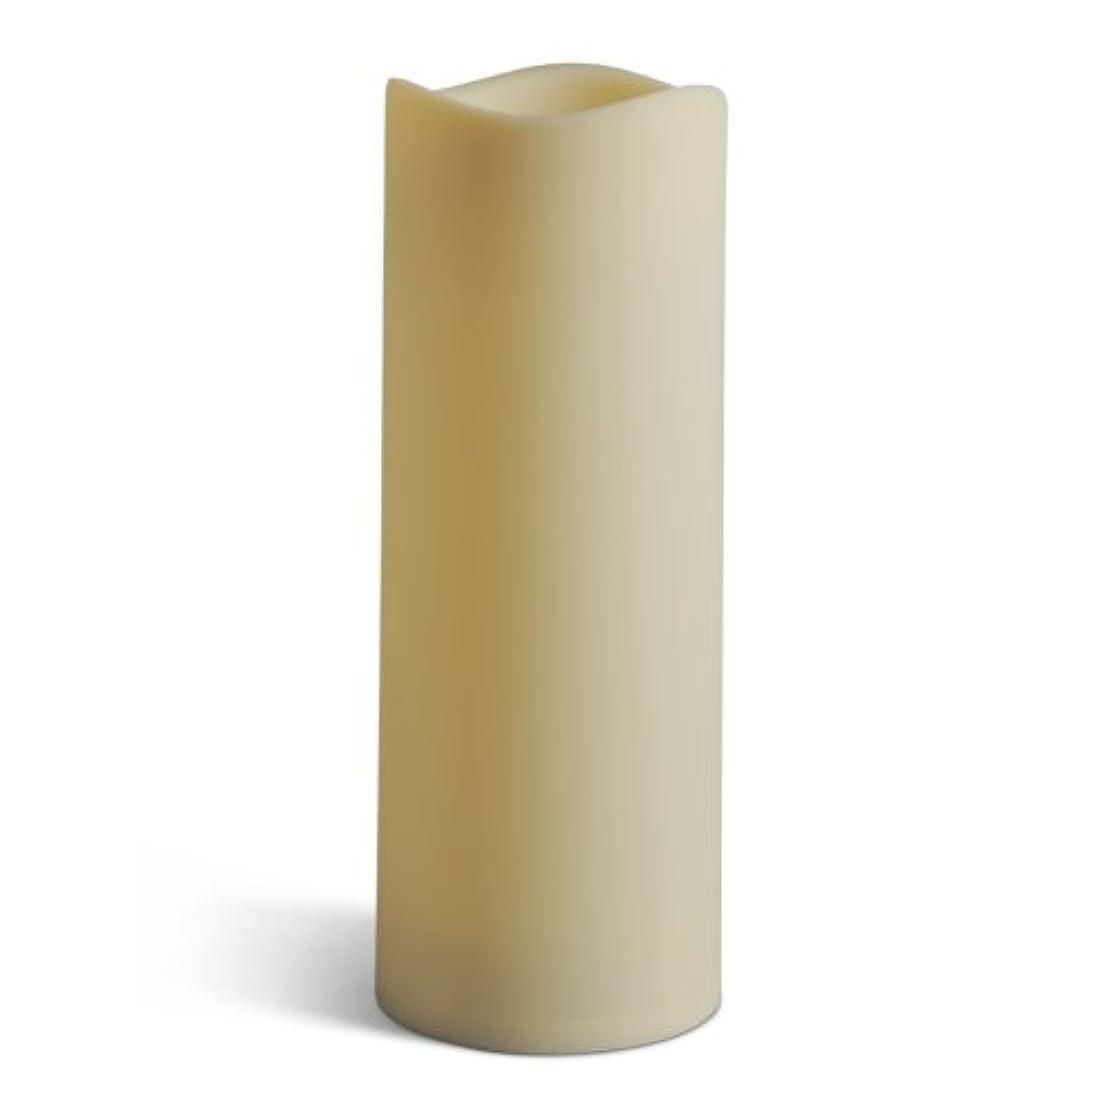 所有権物理的に割り込みGerson Indoor/Outdoor Weather Resistant Candle, 4 by 12-Inch by Gerson